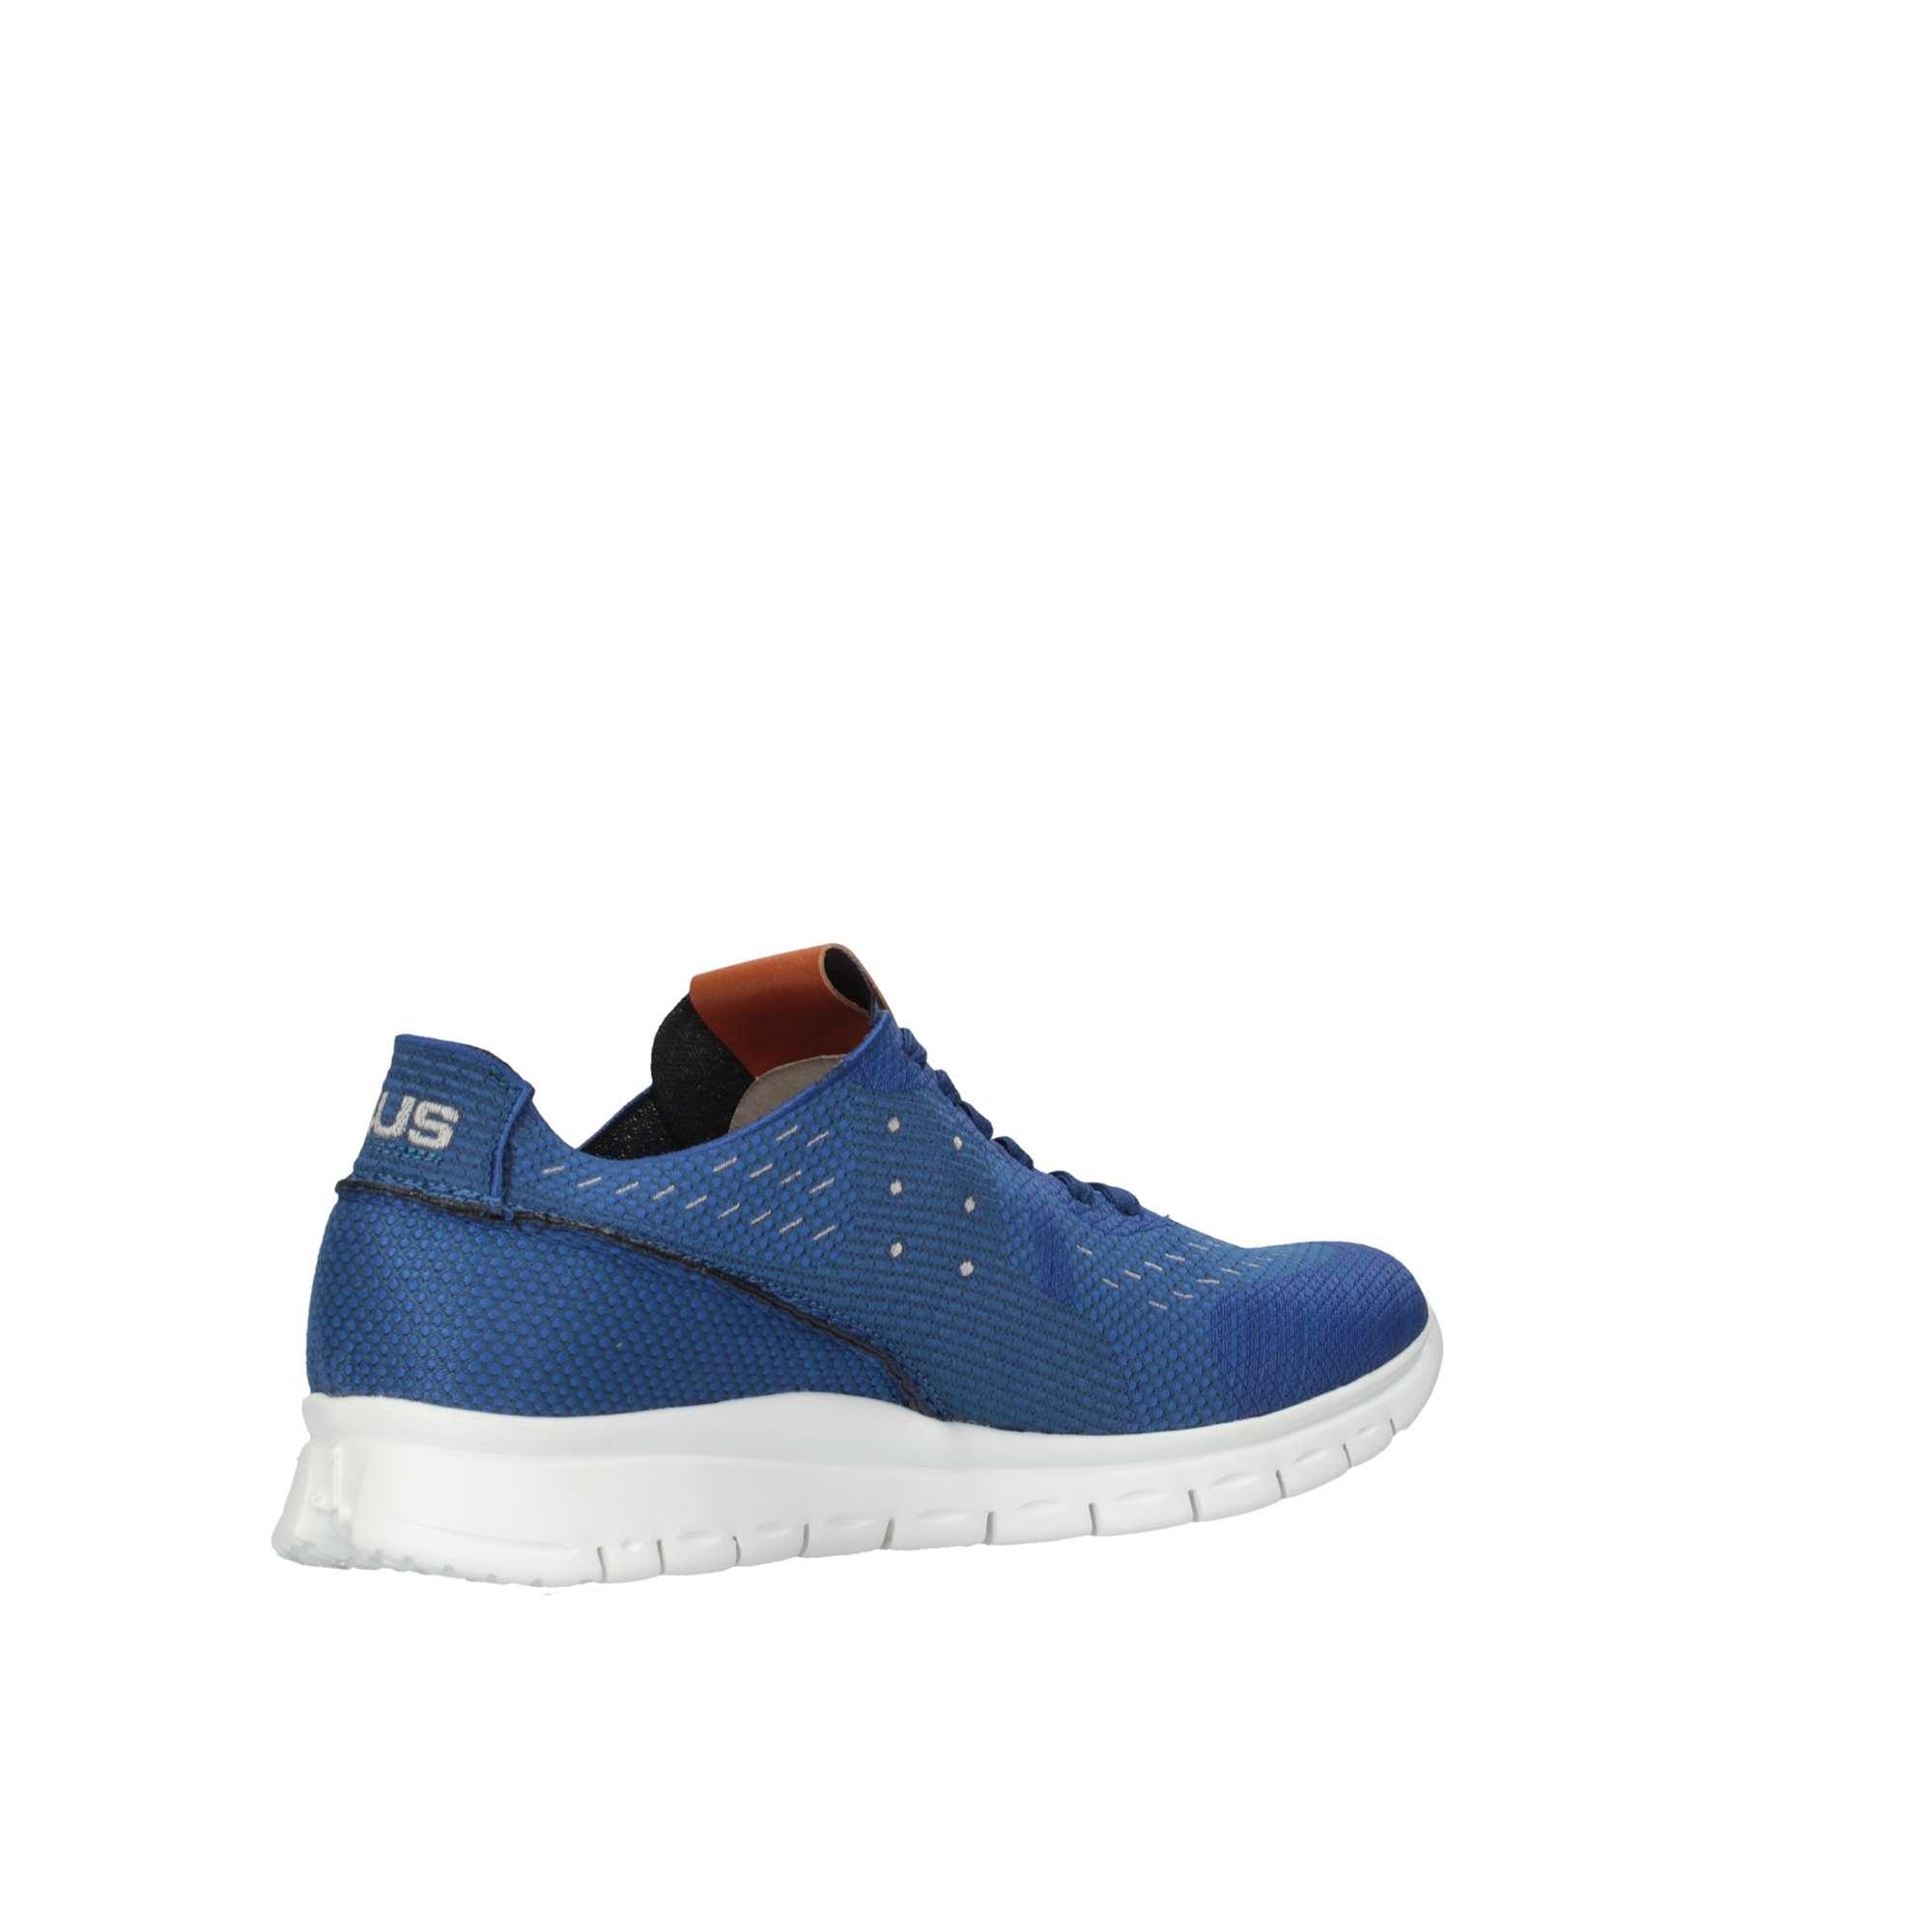 Mare Ppwu2ttx Blu 4us Cesare Paciotti Sneakers Uomo estate Primavera Tex 4IAwZq